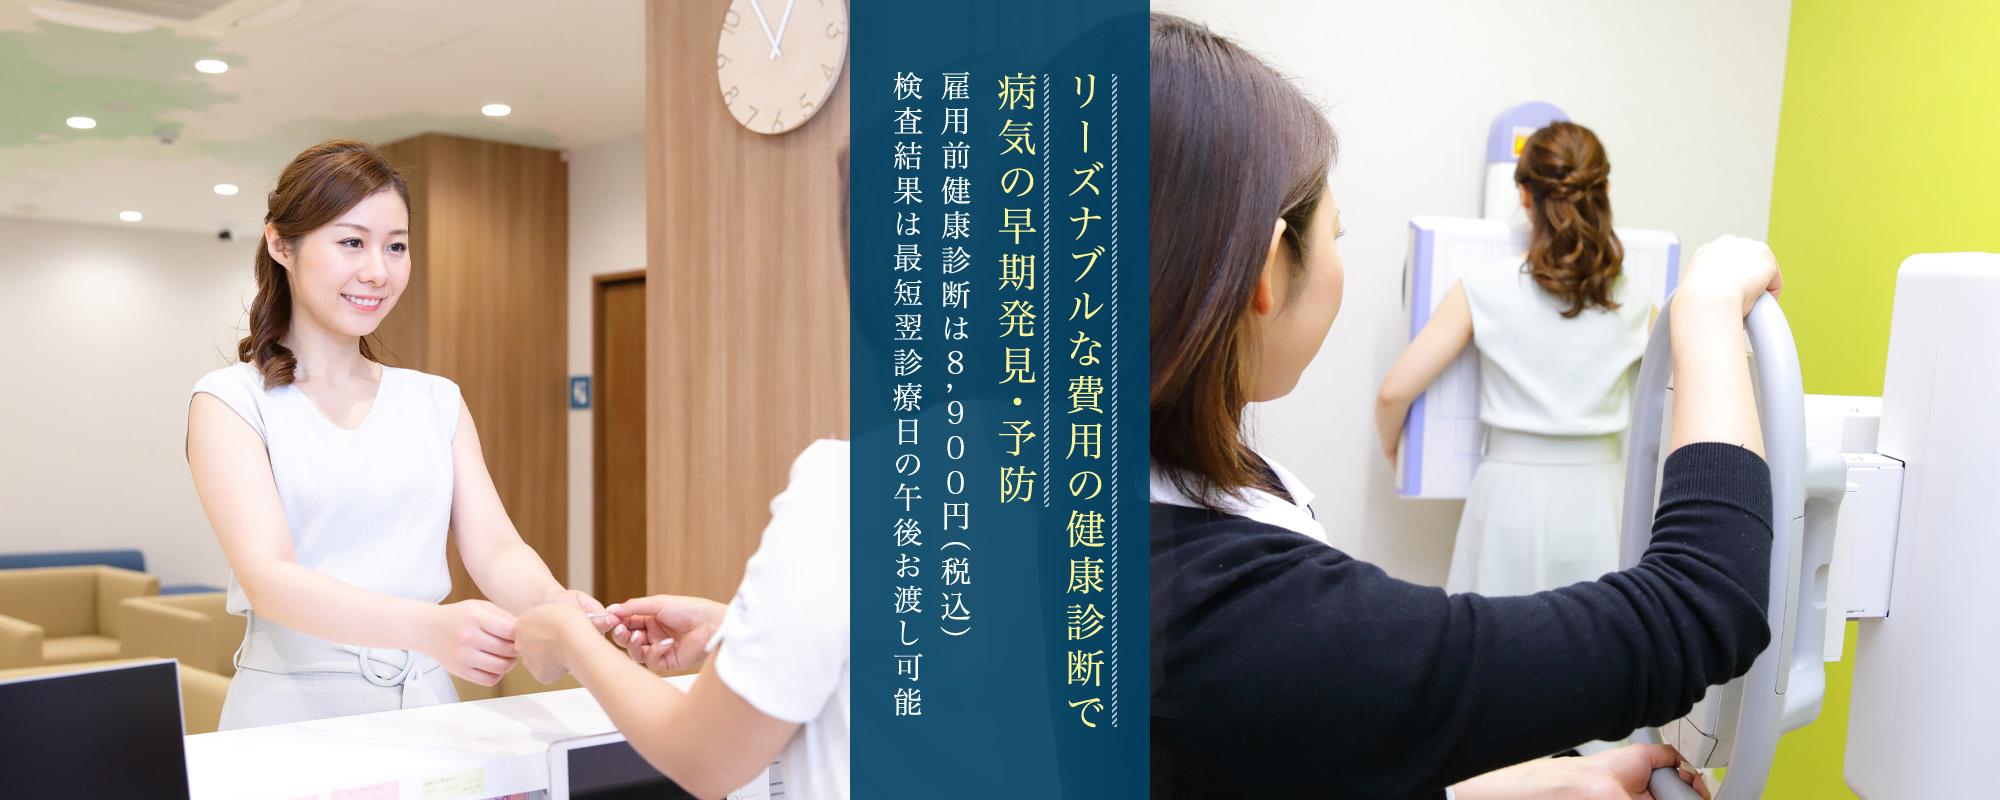 リーズナブルな費用の健康診断で病気の早期発見・予防、雇用前健康診断葉8,200円(税込み)検査結果は最短翌診療日の午後お渡し可能